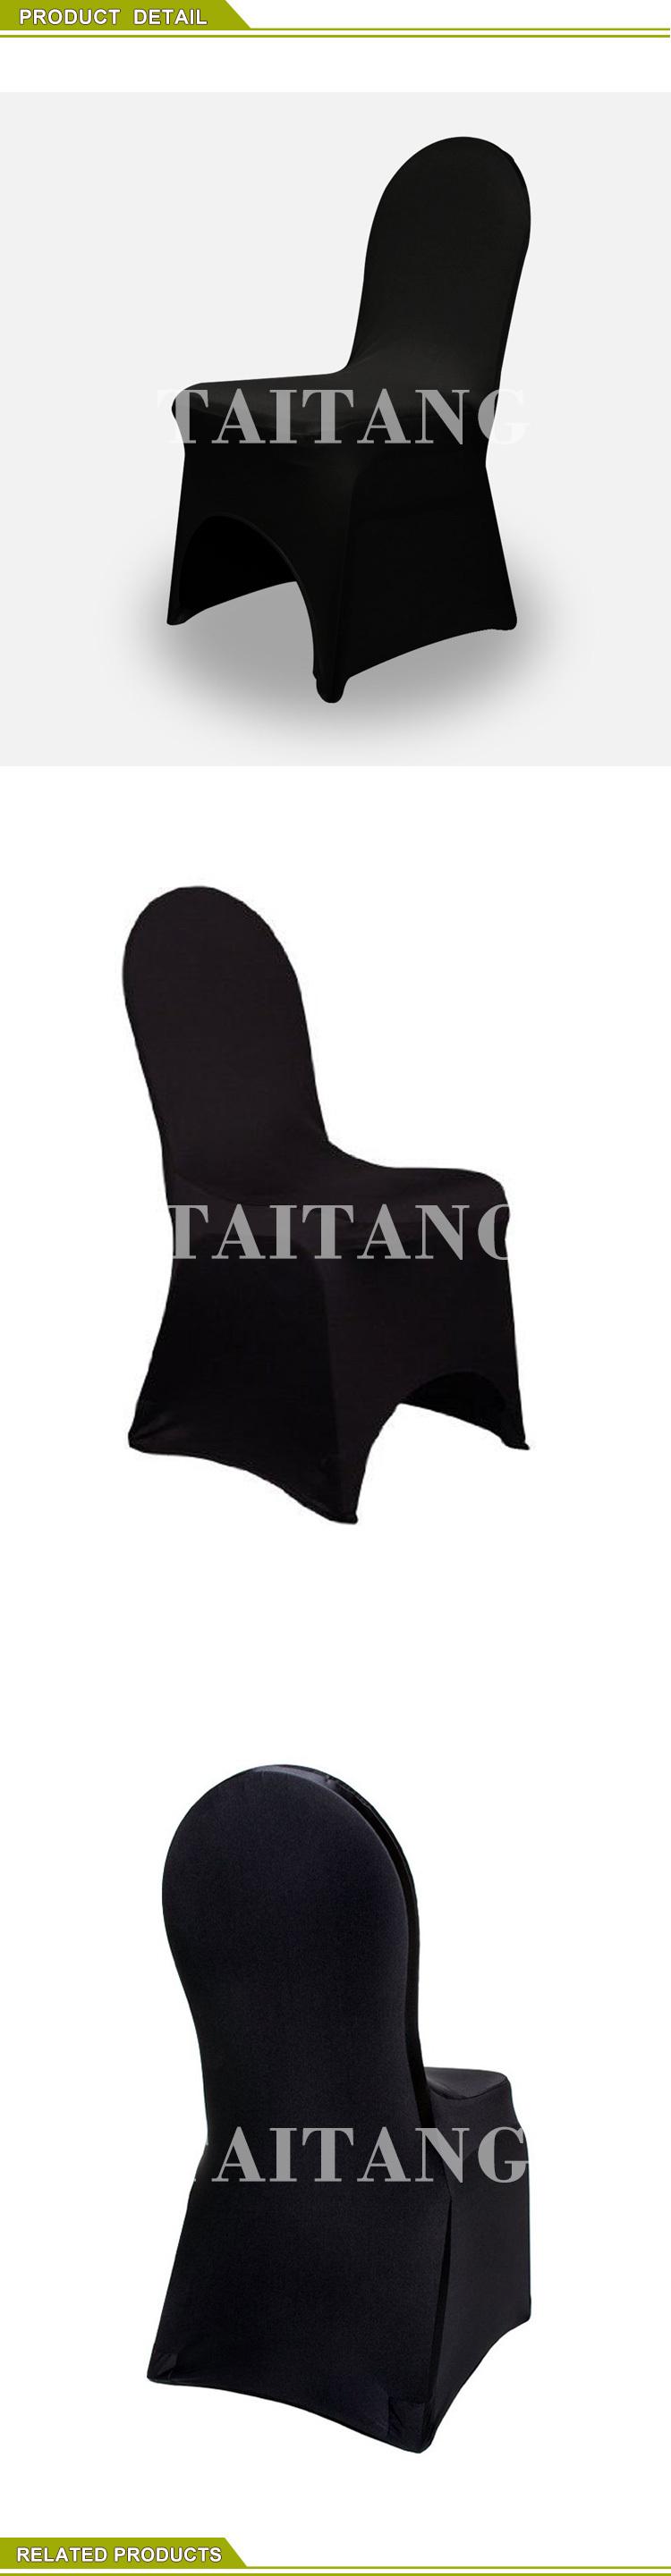 2019 สีดำราคาถูกขายส่ง universal ผ้าเก้าอี้ครอบคลุม